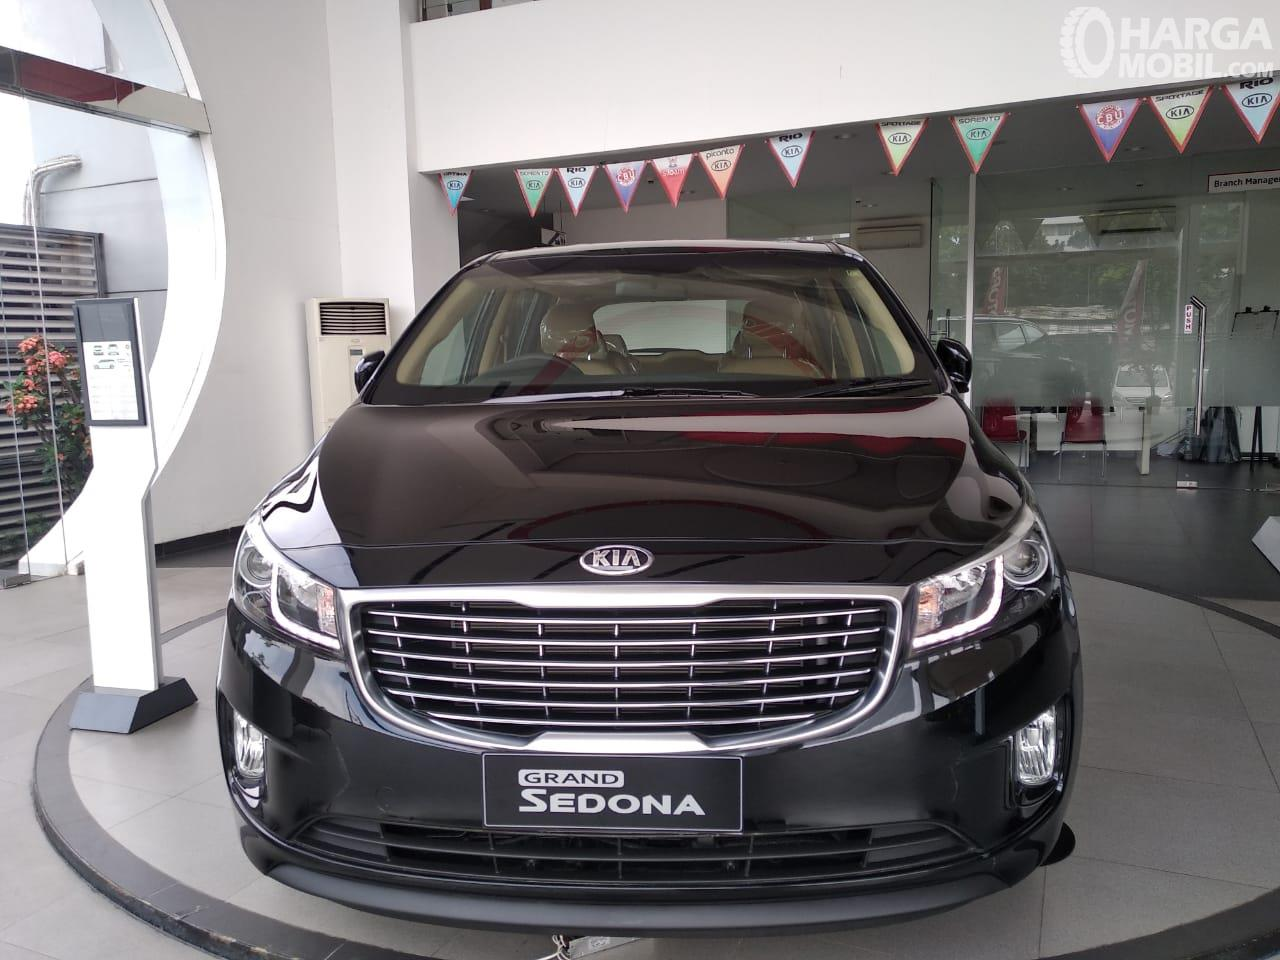 KIA Grand Sedona Diesel warna Aurora Black Pearl tampak dari depan